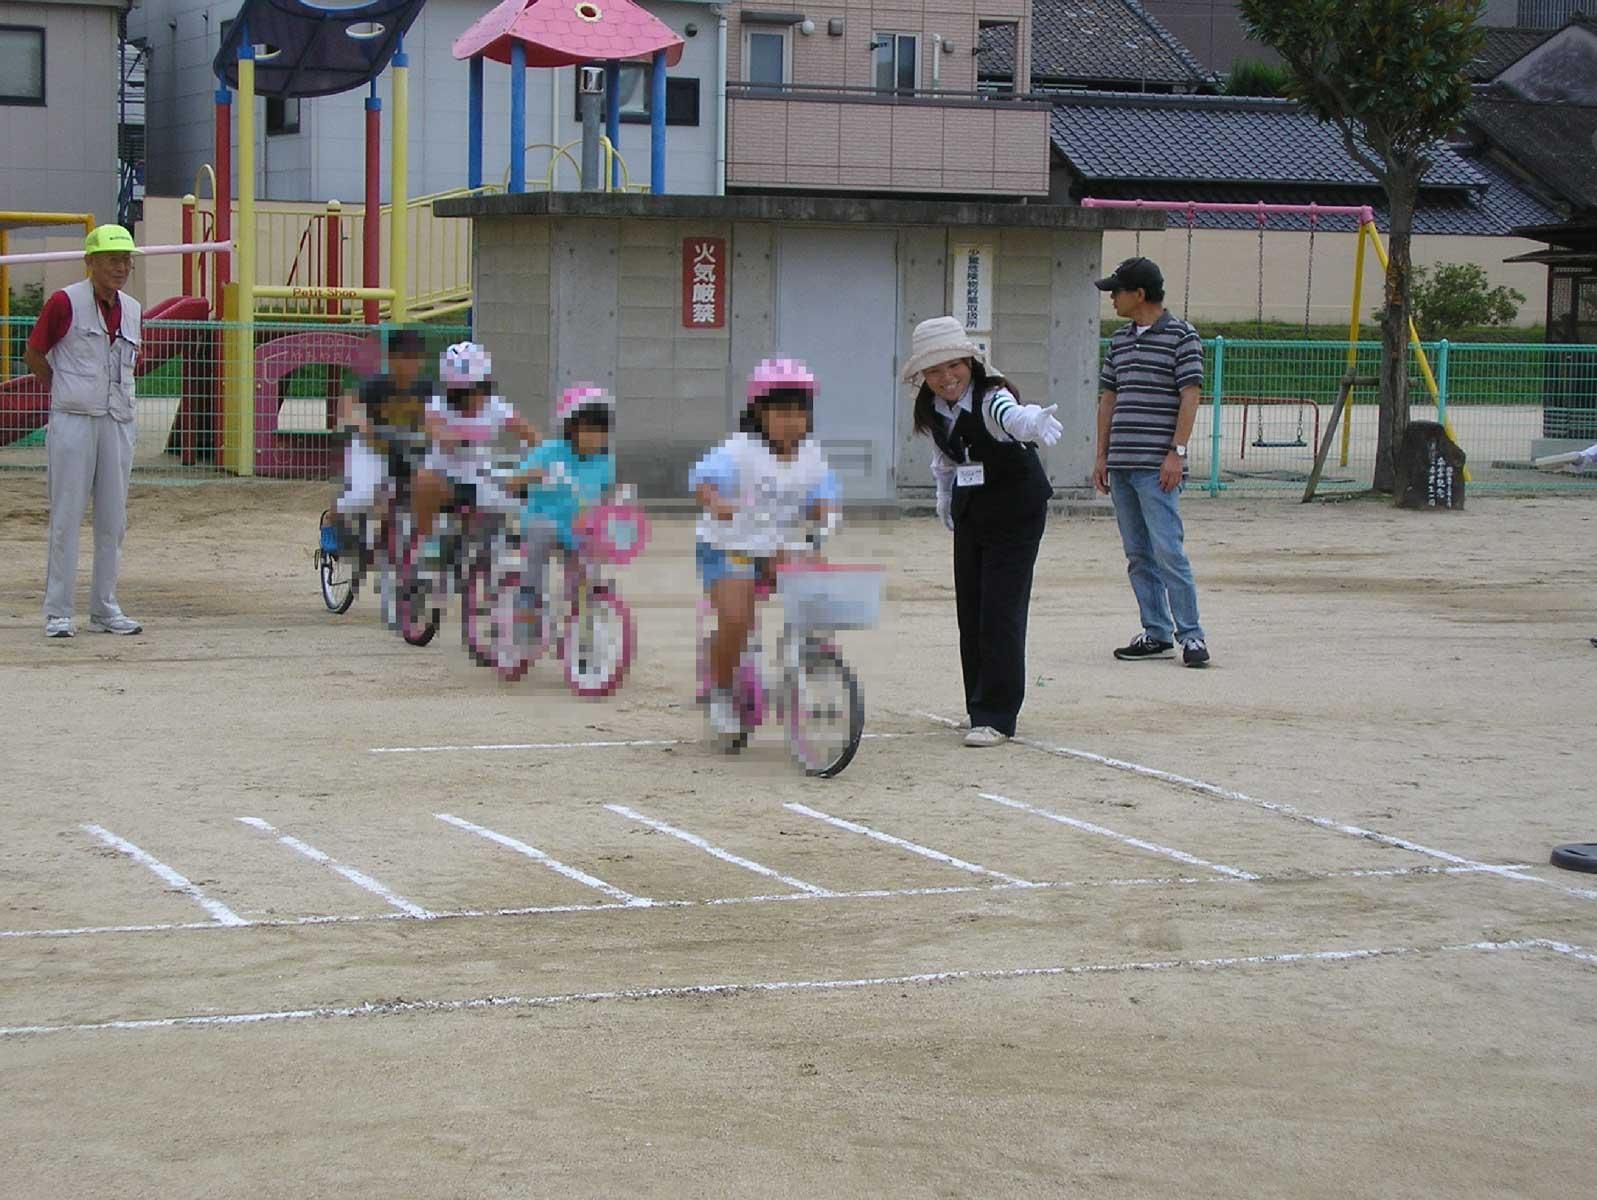 自転車乗り方教室の様子1